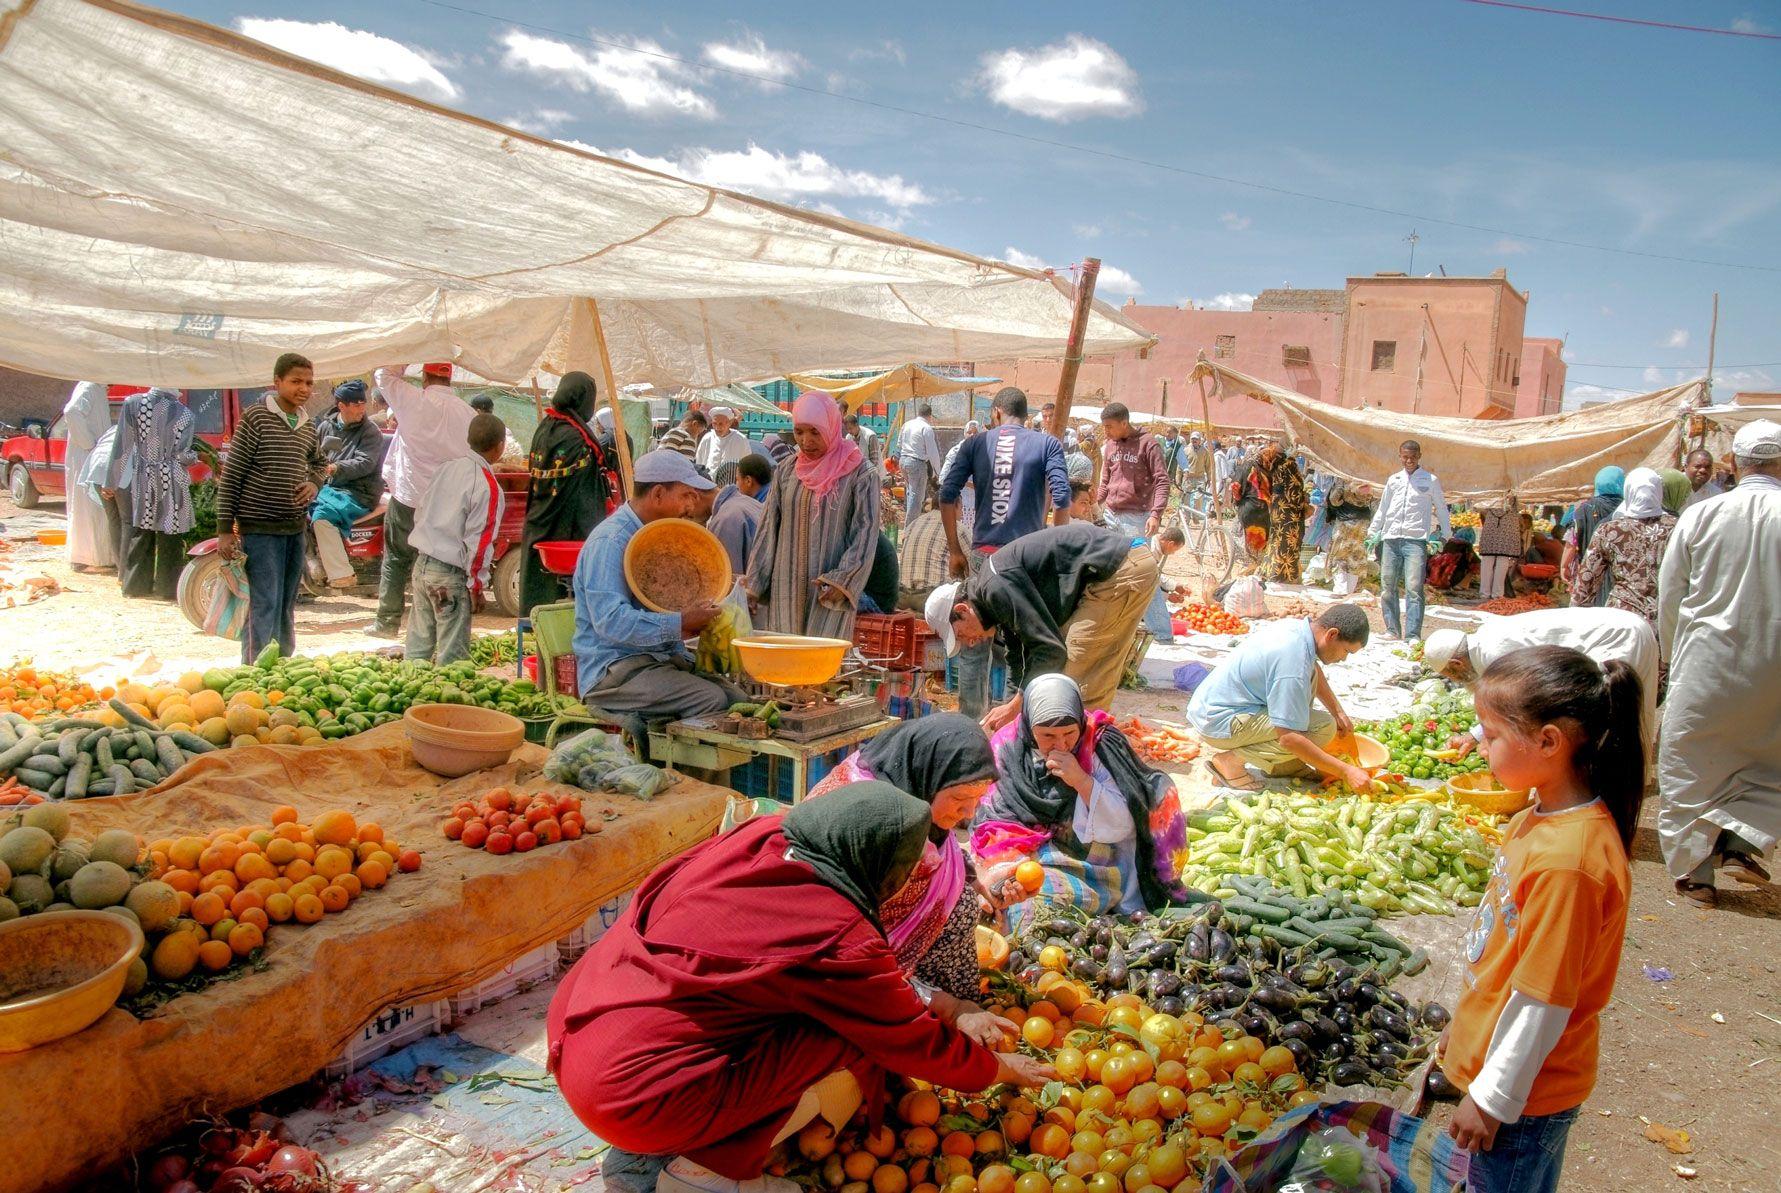 La FAO celebra el Día Mundial de la Alimentación cada año el 16 de octubre para conmemorar la fundación de la Organización en 1945.